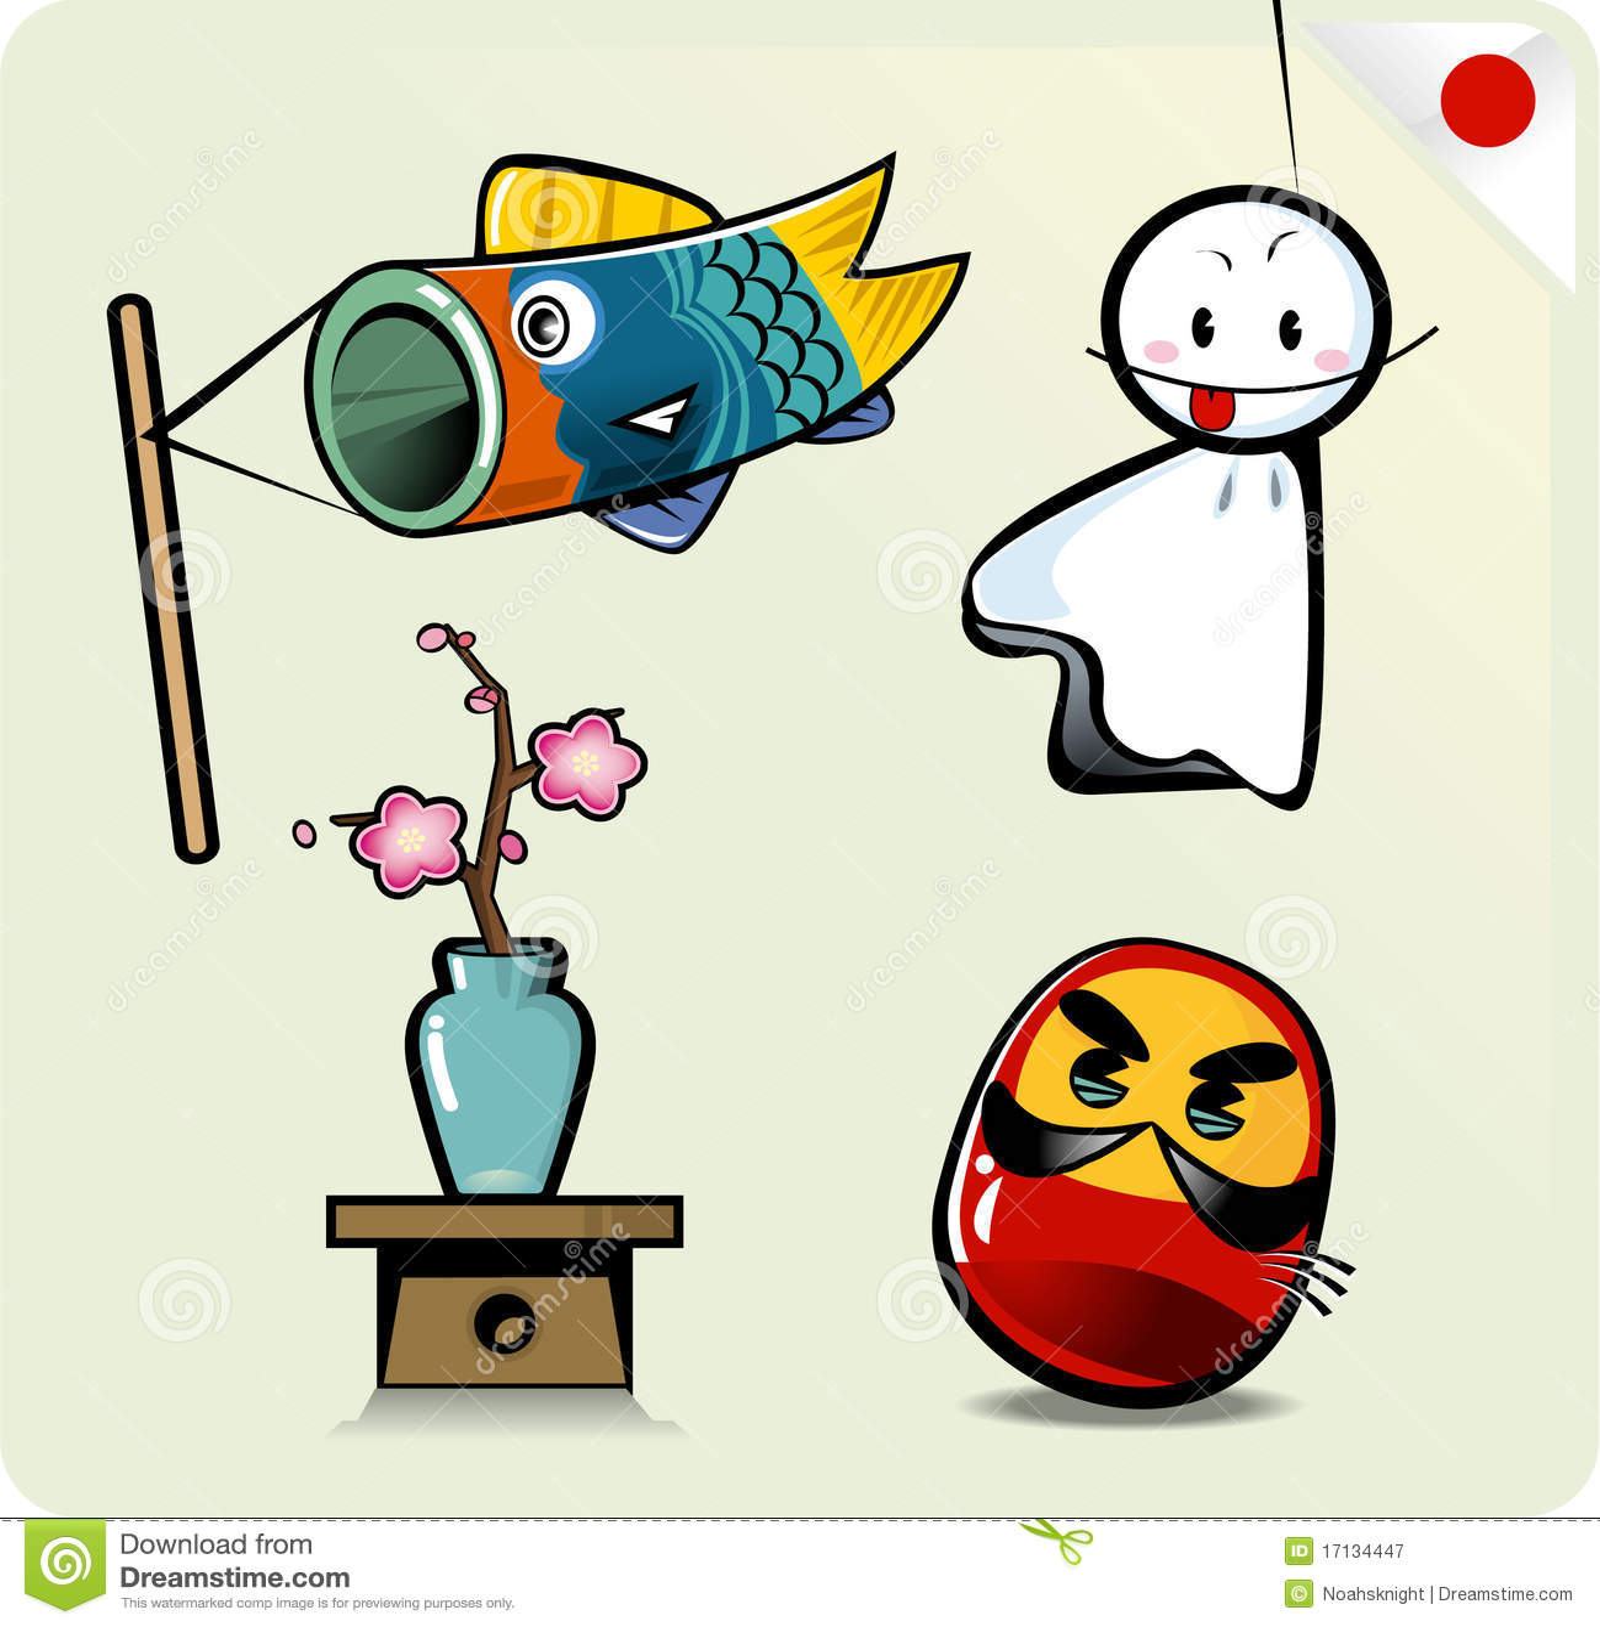 desenho animado japones de mulheres nuas Page 1 -